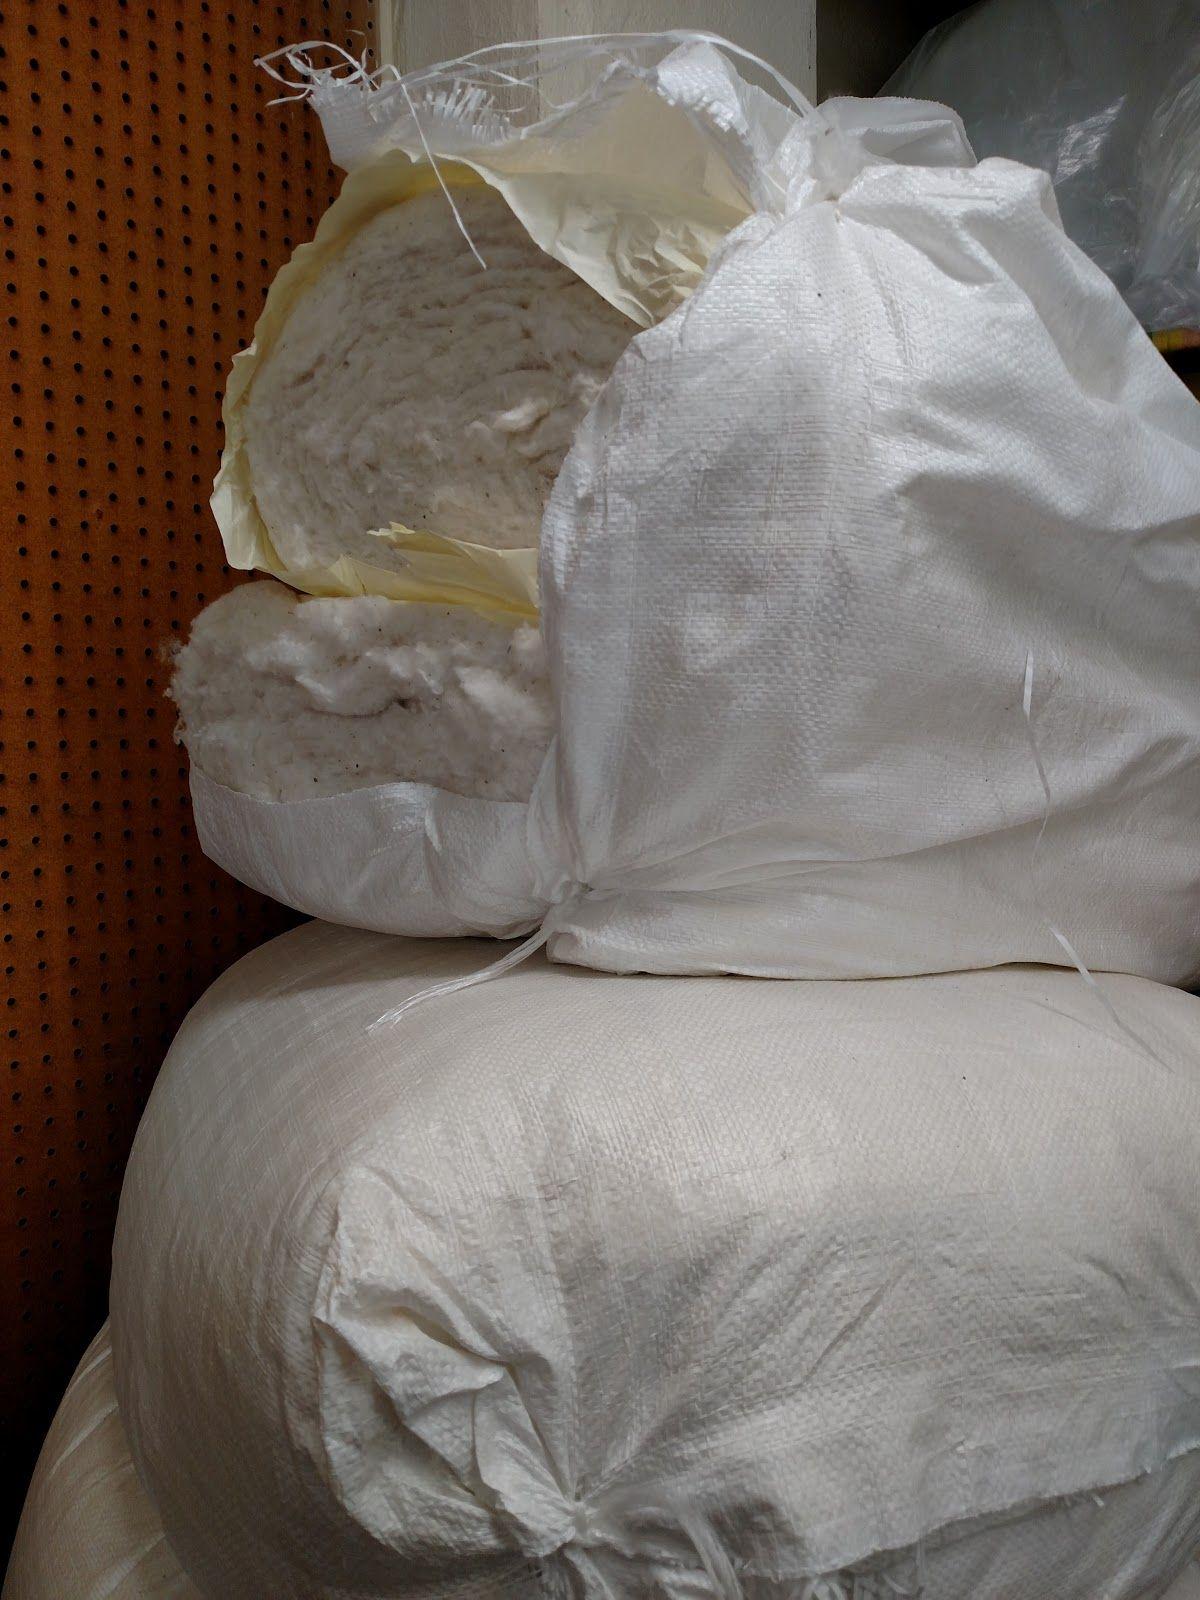 Raw Loose Baled Cotton4